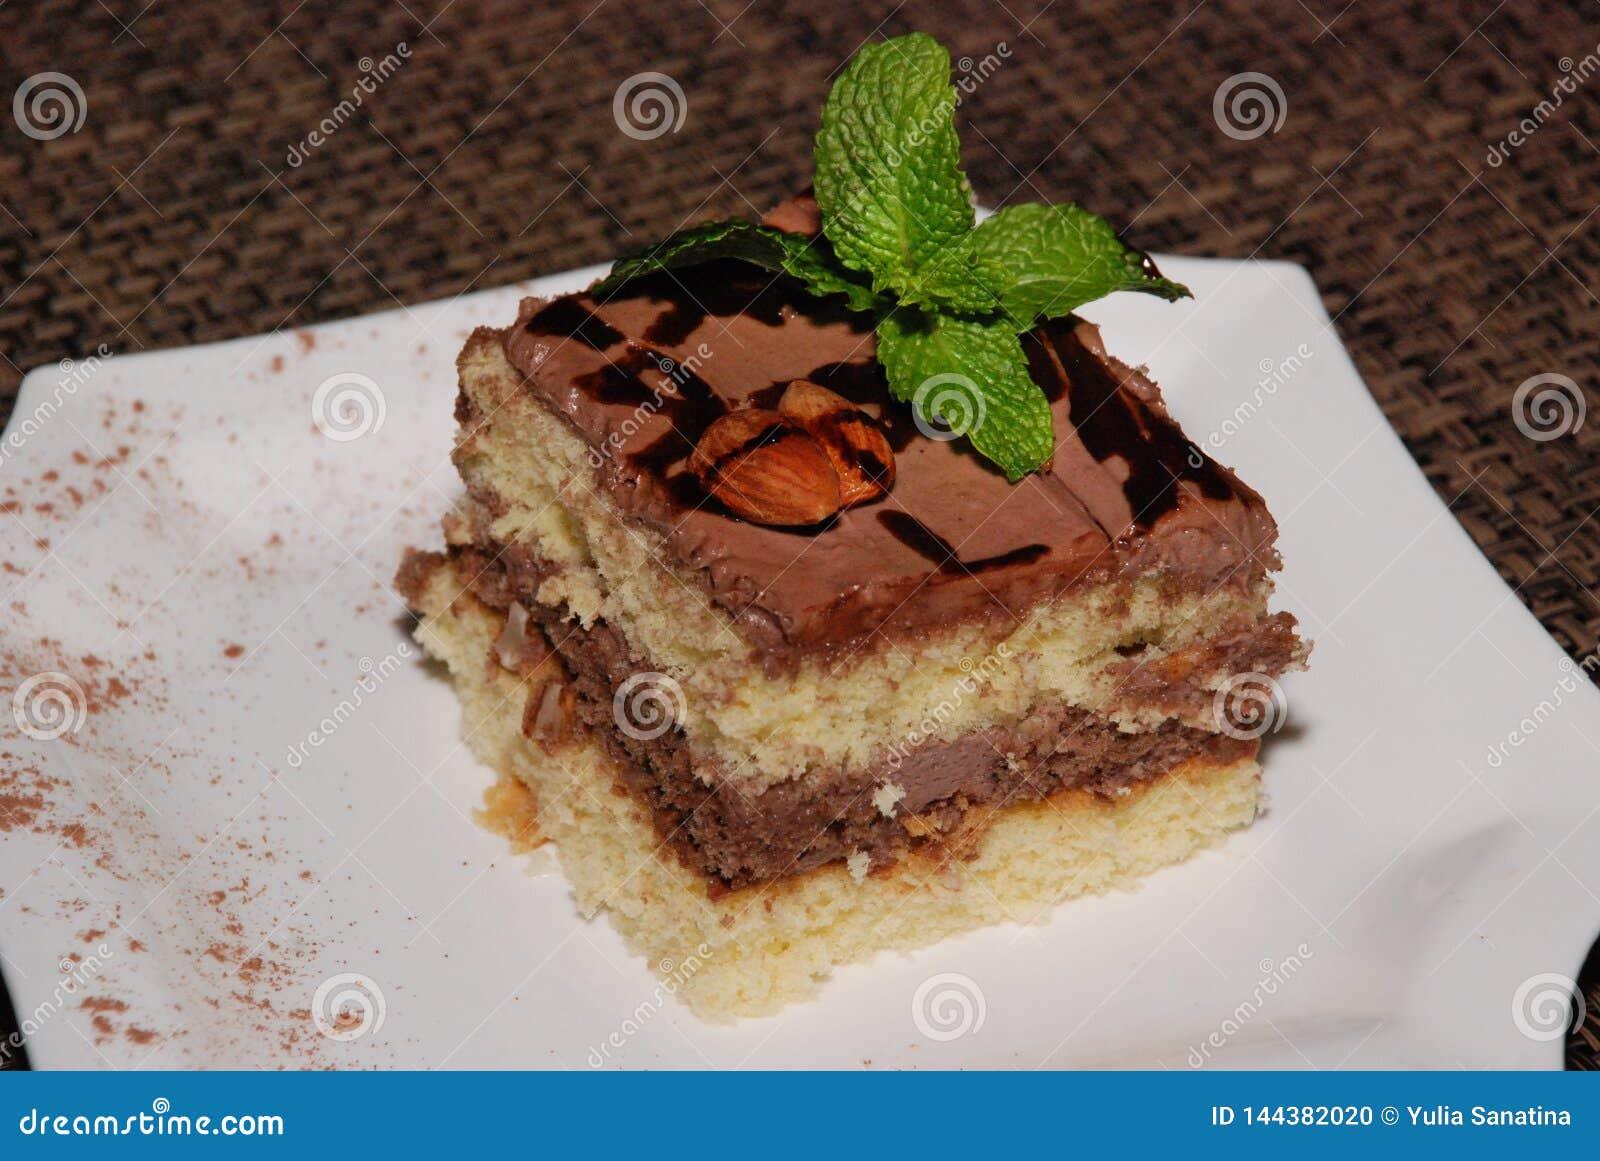 Pedaço de bolo quadrado com chocolate e amêndoa na placa branca